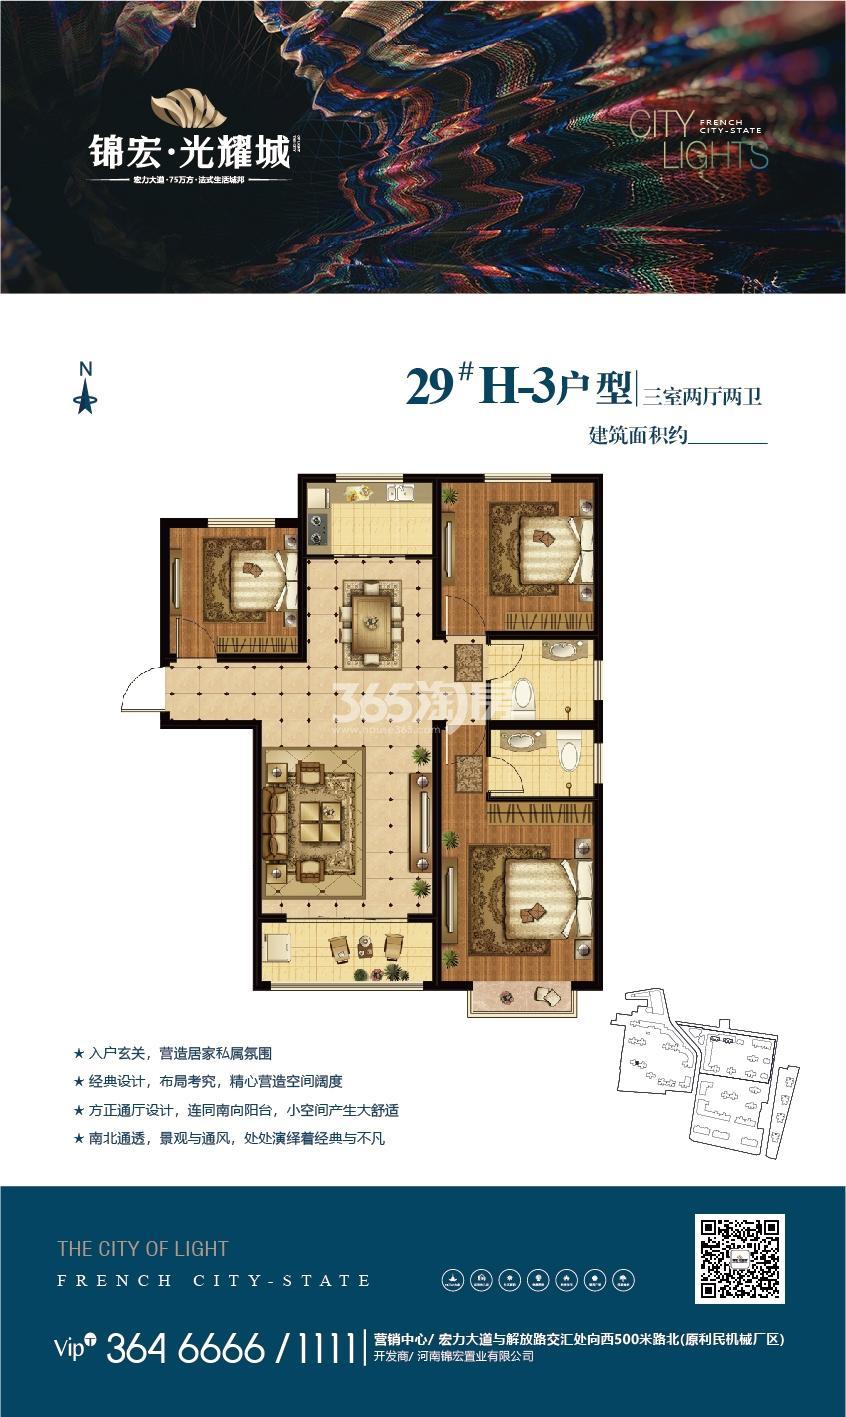 锦宏·光耀城三室两厅两卫29#H-3户型